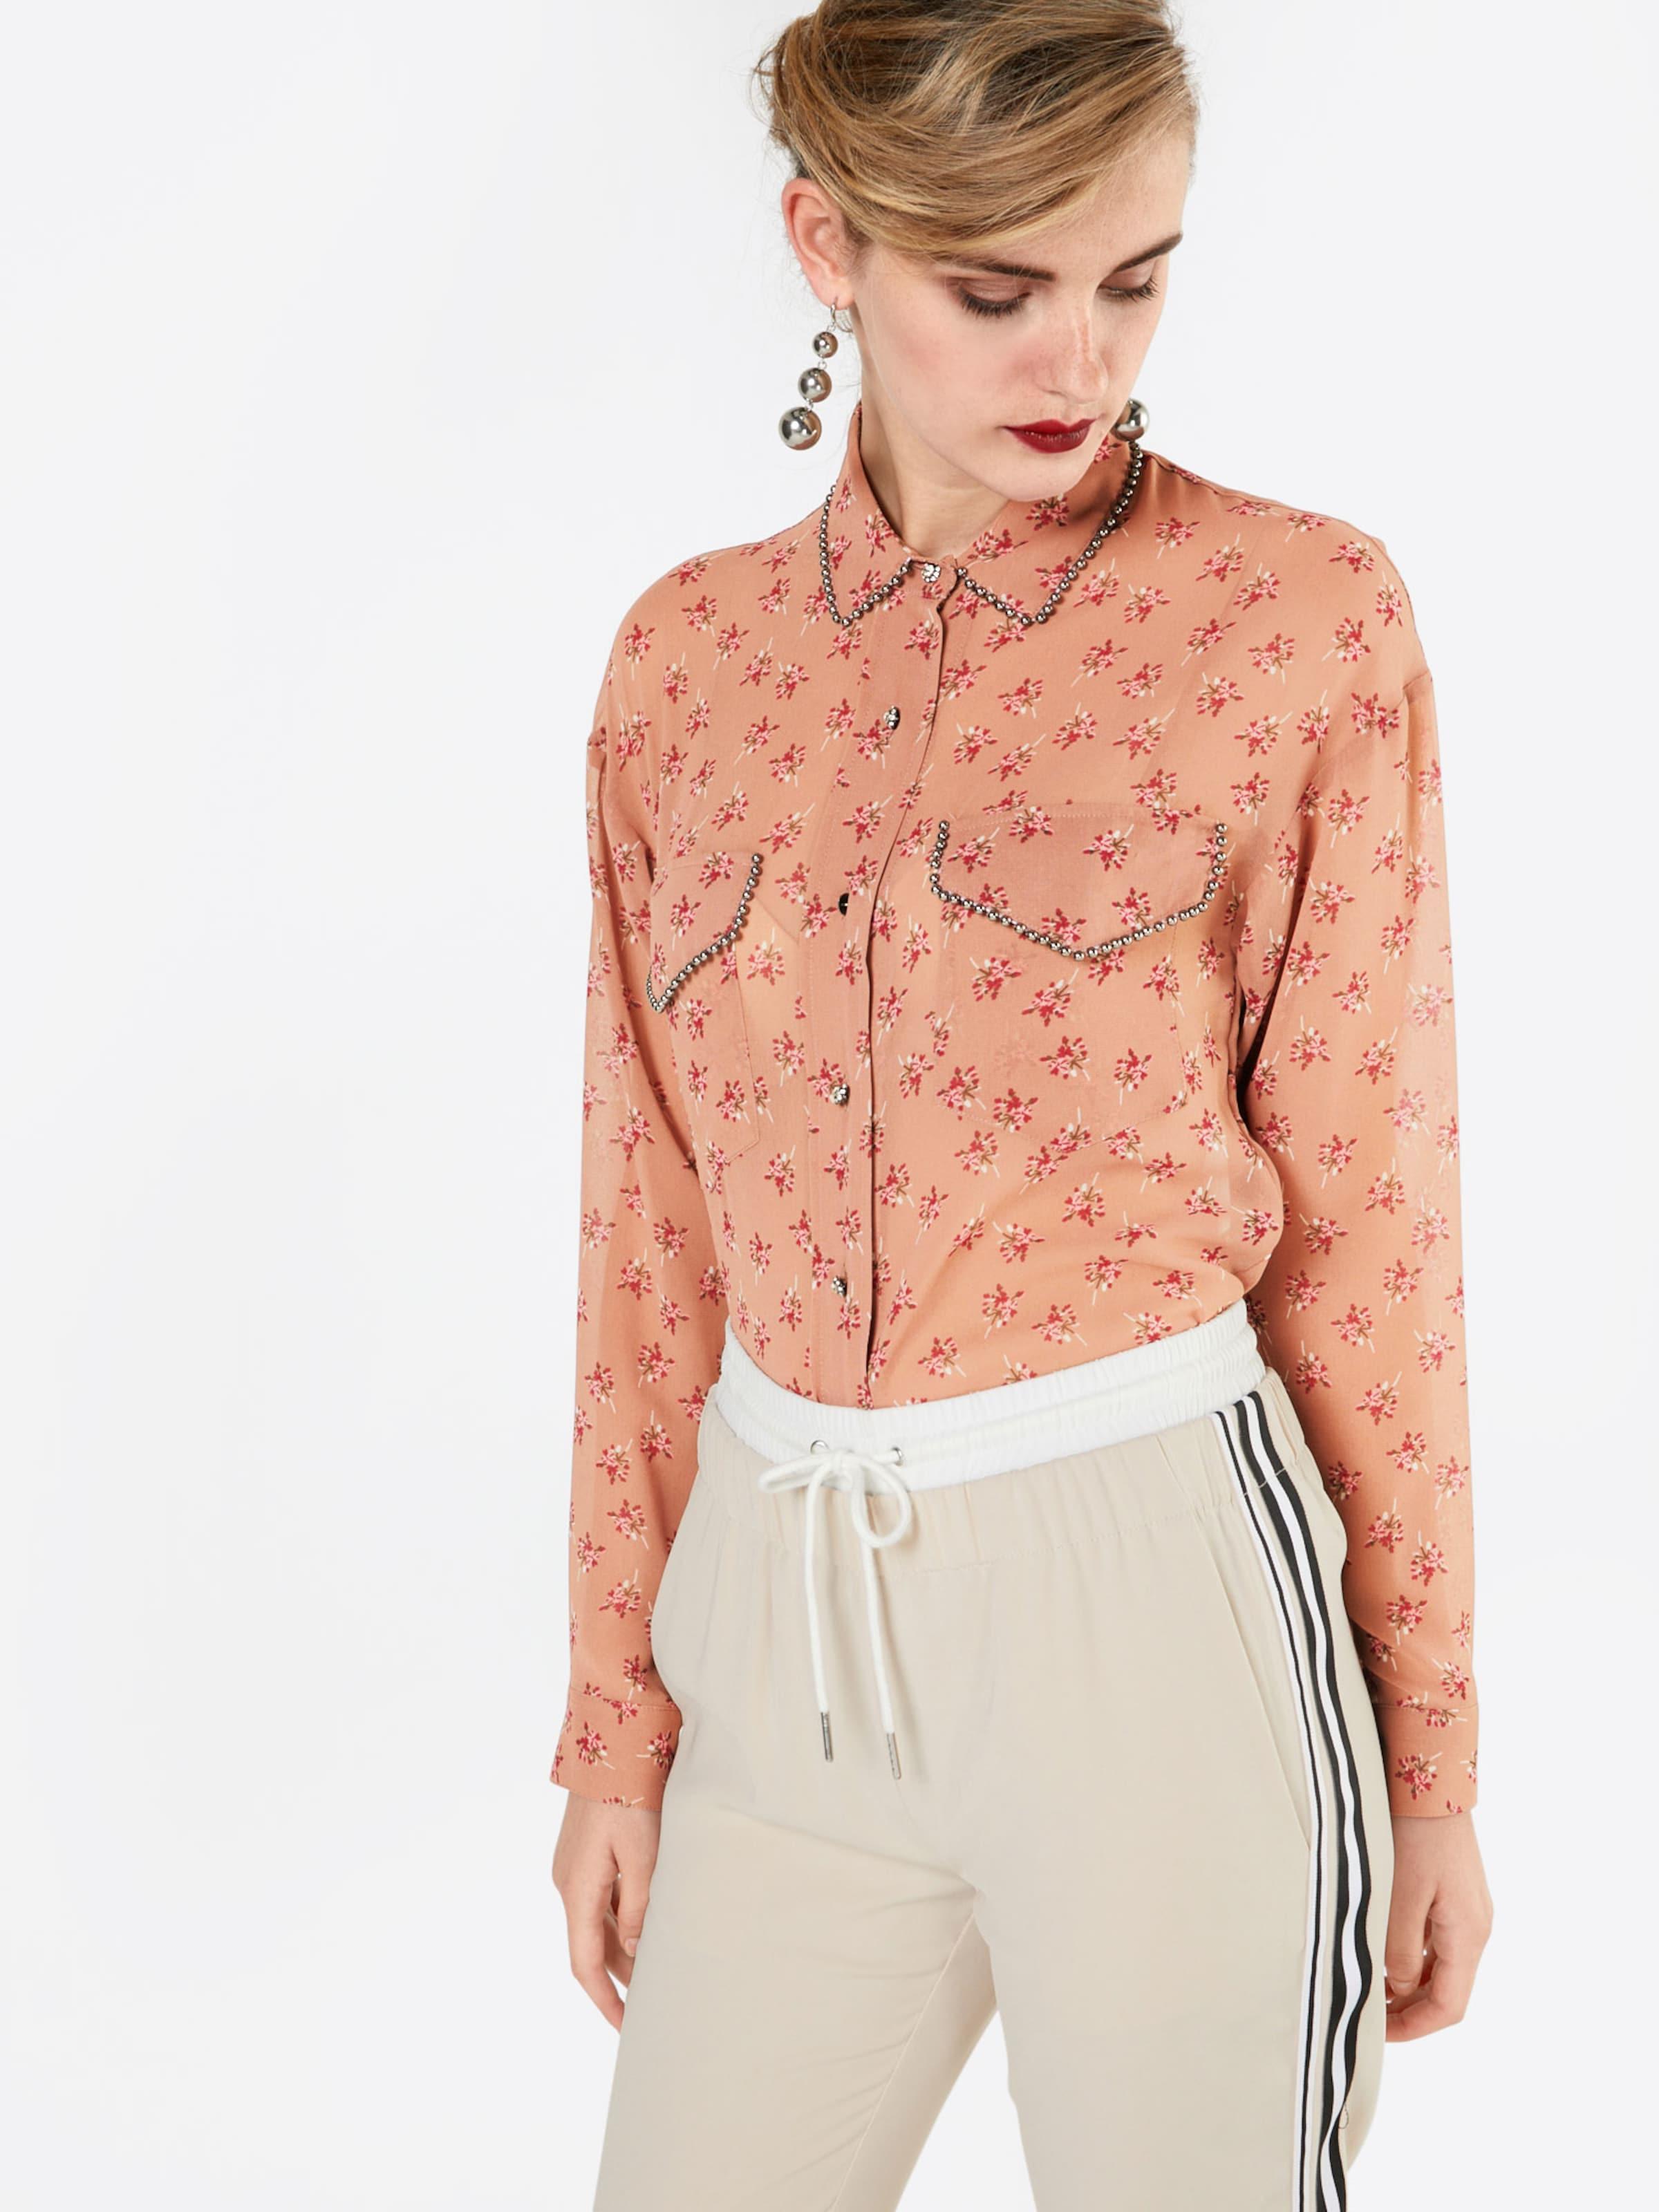 The Kooples Bluse 'CANDY FLOWER ON PES' Günstig Kaufen Shop Billig Verkauf Schnelle Lieferung Niedriger Versand Zum Verkauf Iljzvt5LD